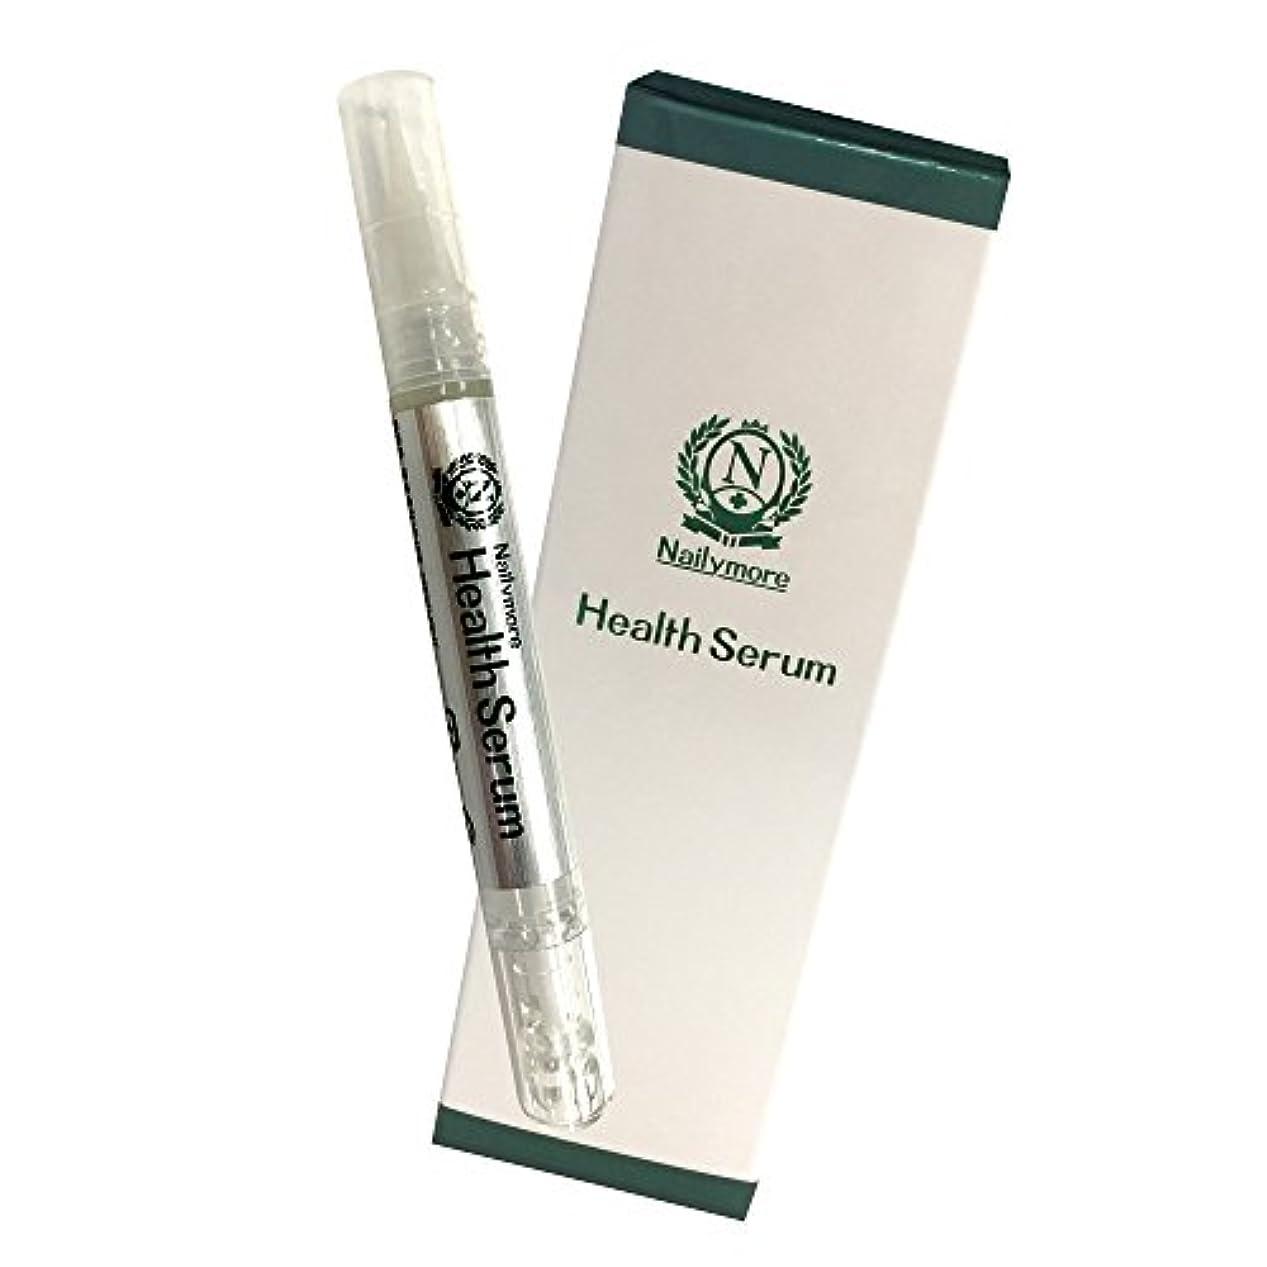 コンセンサス想像力豊かな伝導率ヘルスセラム 爪用美容液 Health Serum